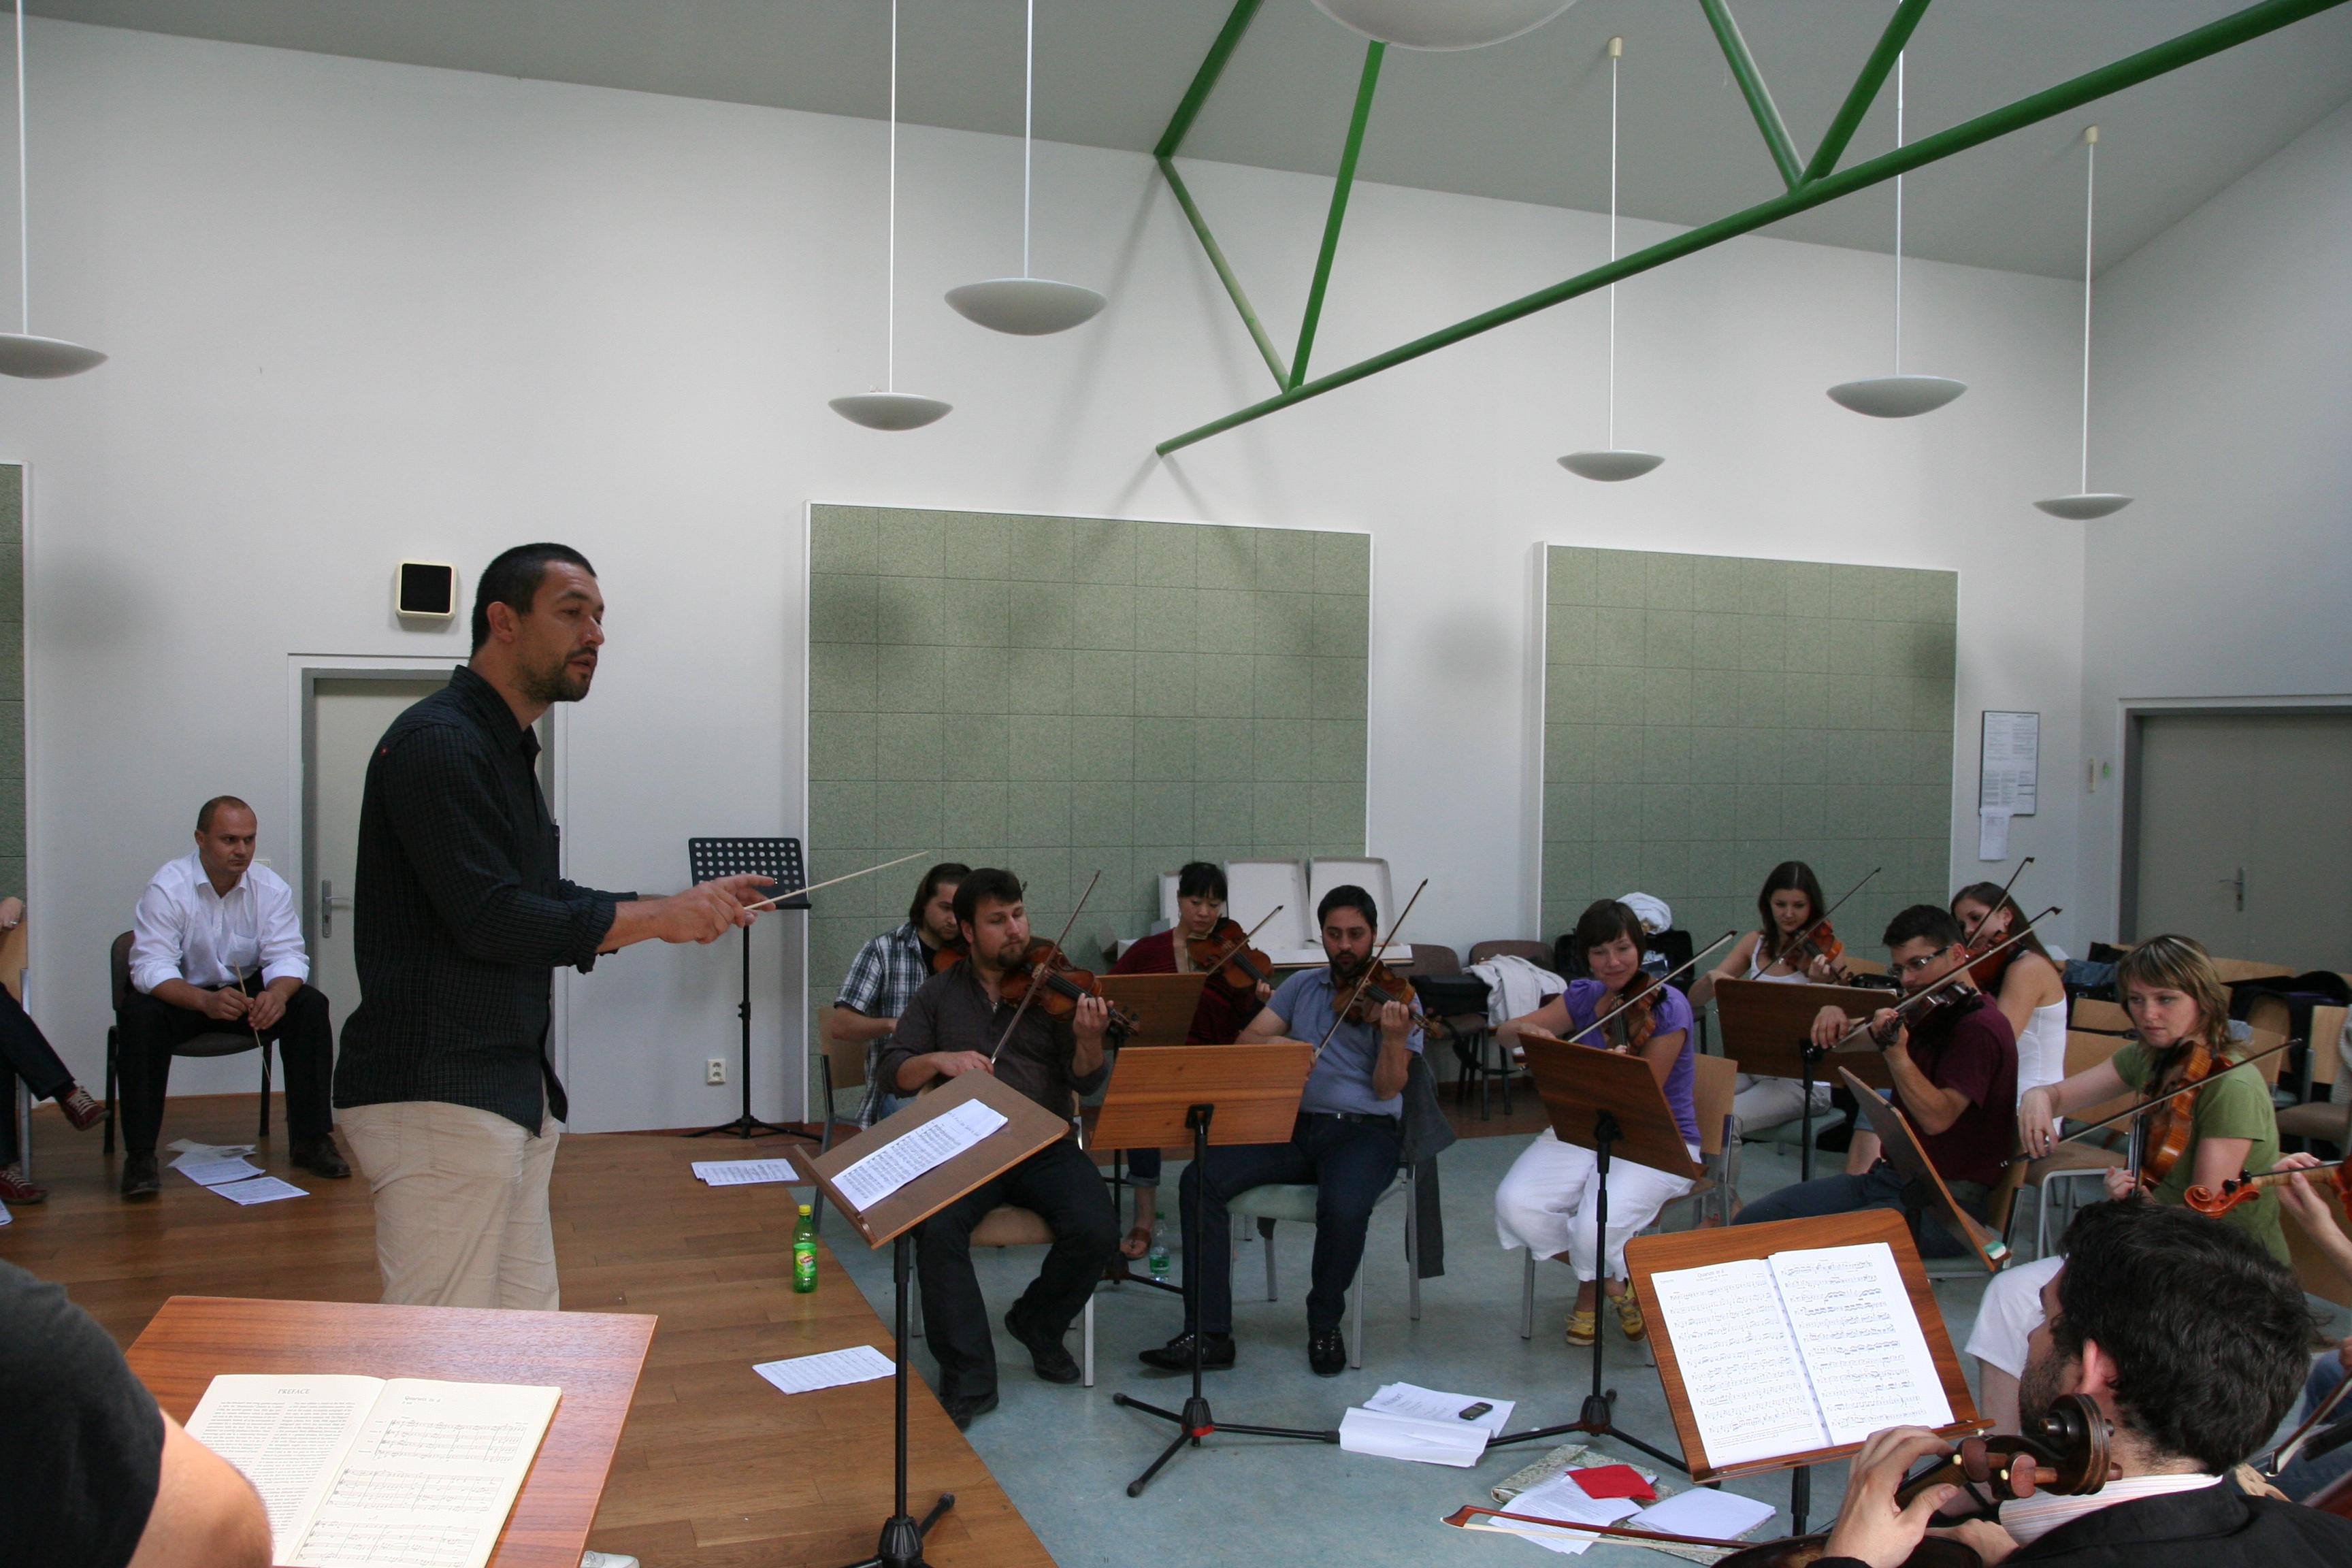 Radvan při dirigování, zdroj: archiv Radvana Bahbouha